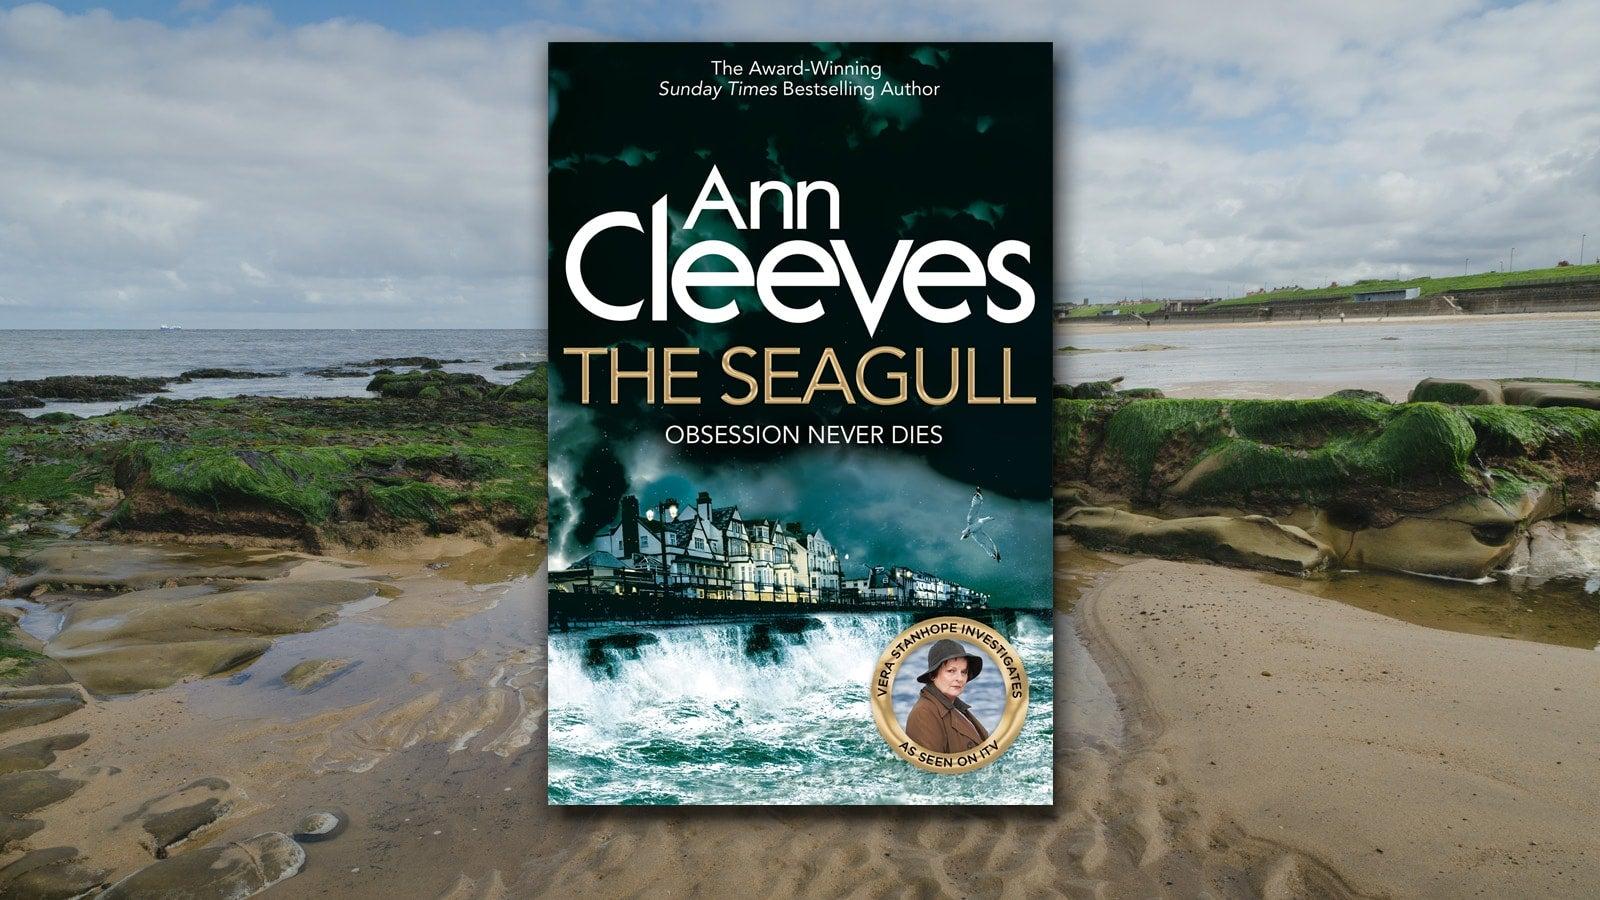 Ann Cleeves The Seagull